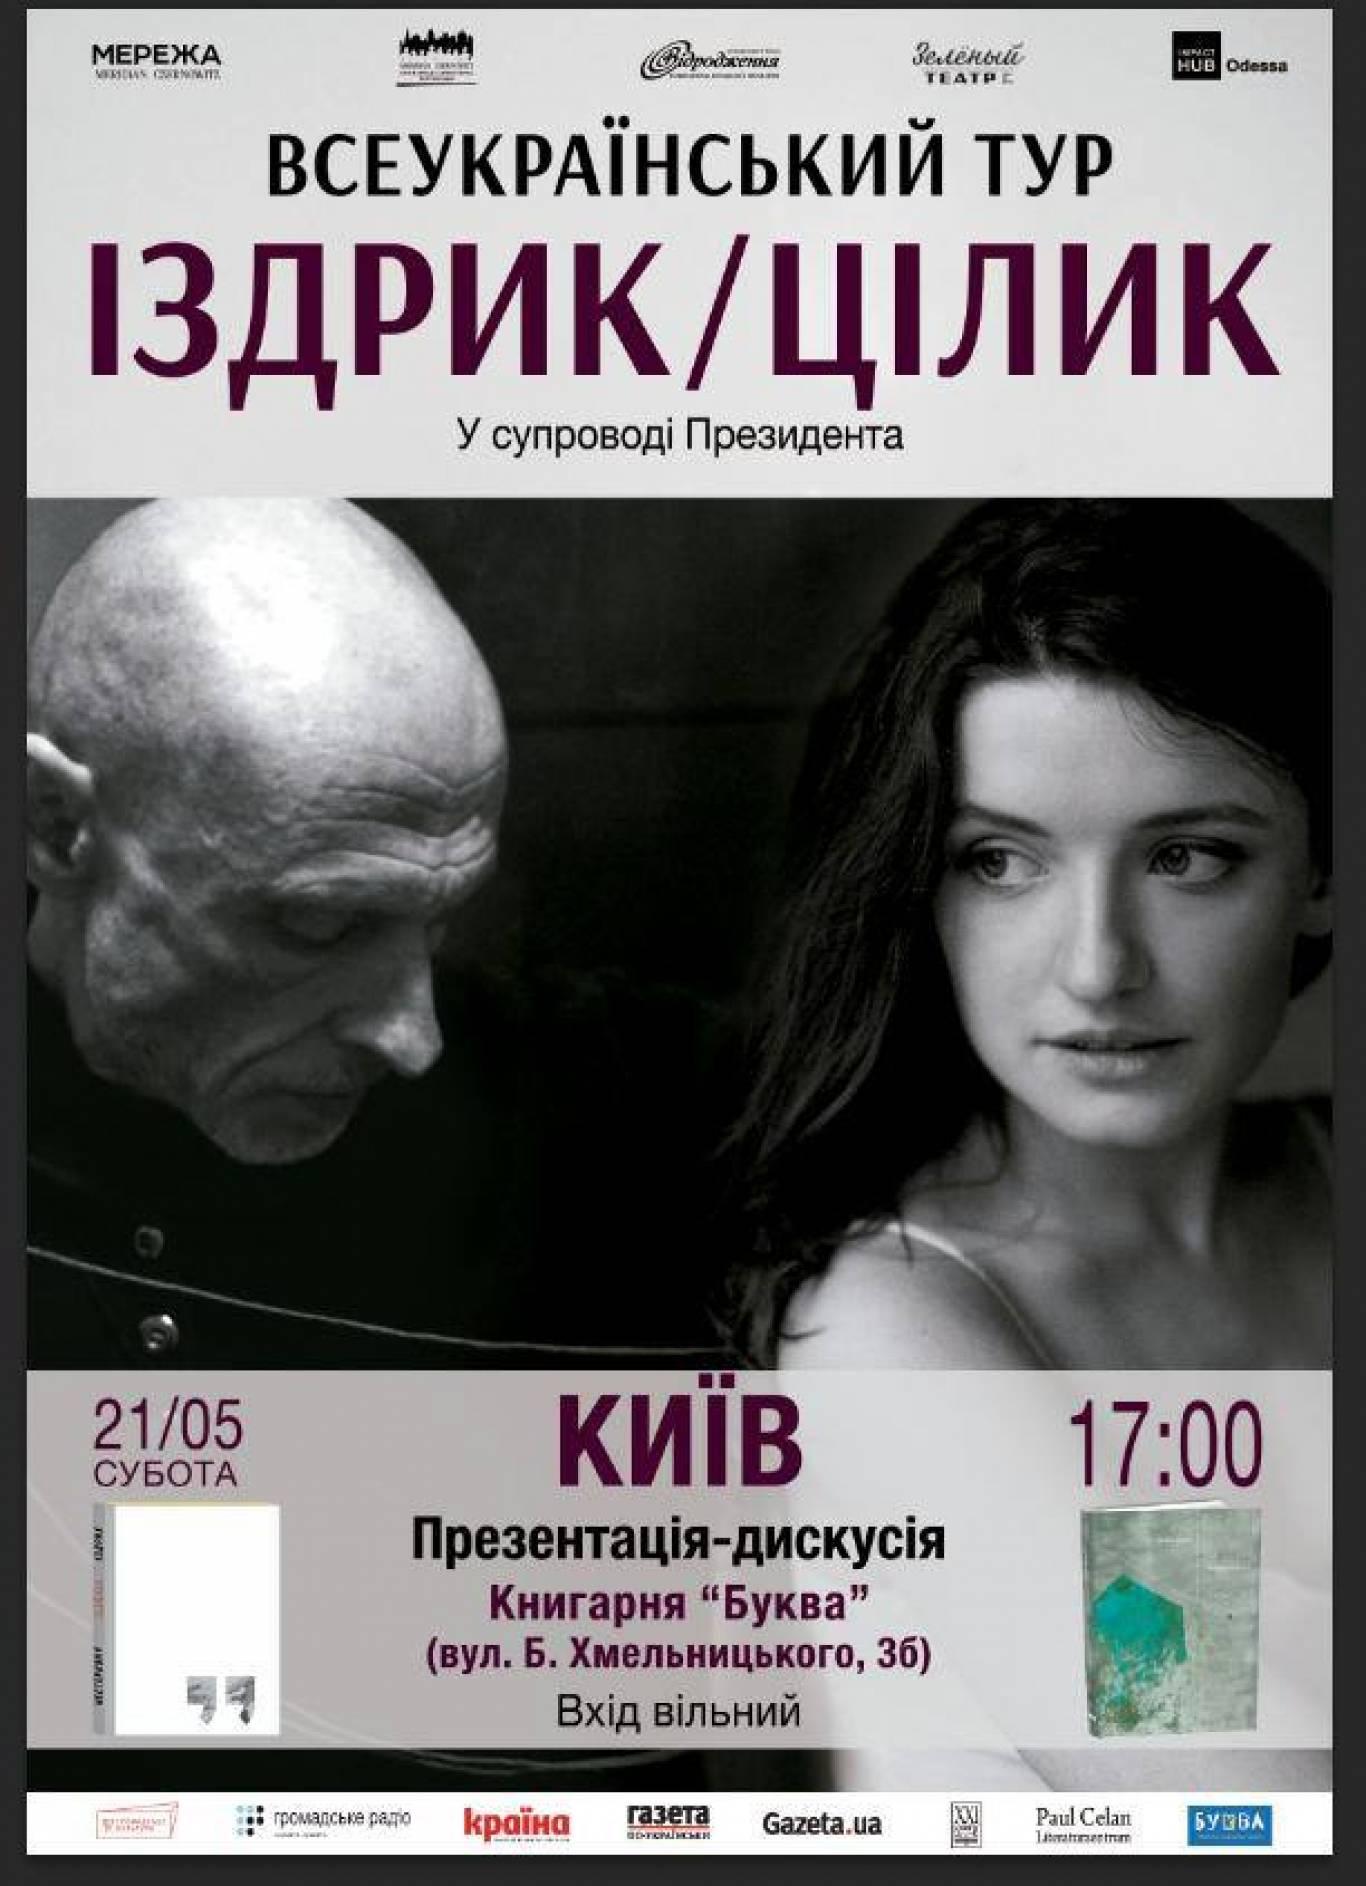 Презентація-дискусія за участю Юрія Іздрика та Ірини Цілик